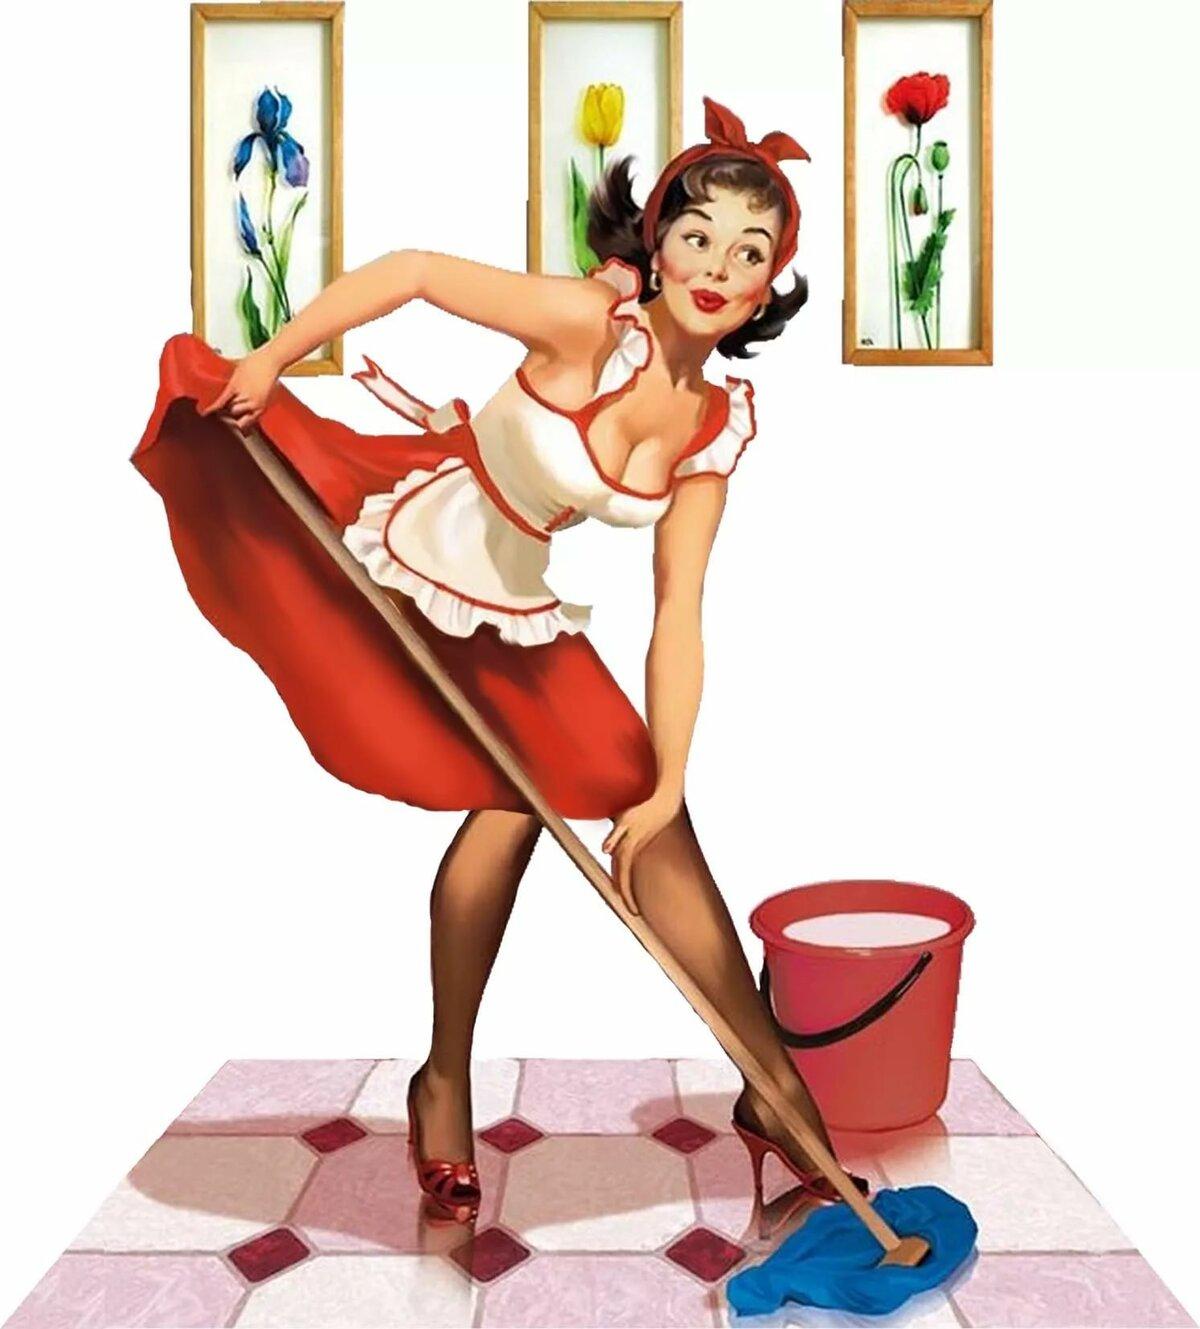 Смешные картинки уборщиц, купина открытки смешные